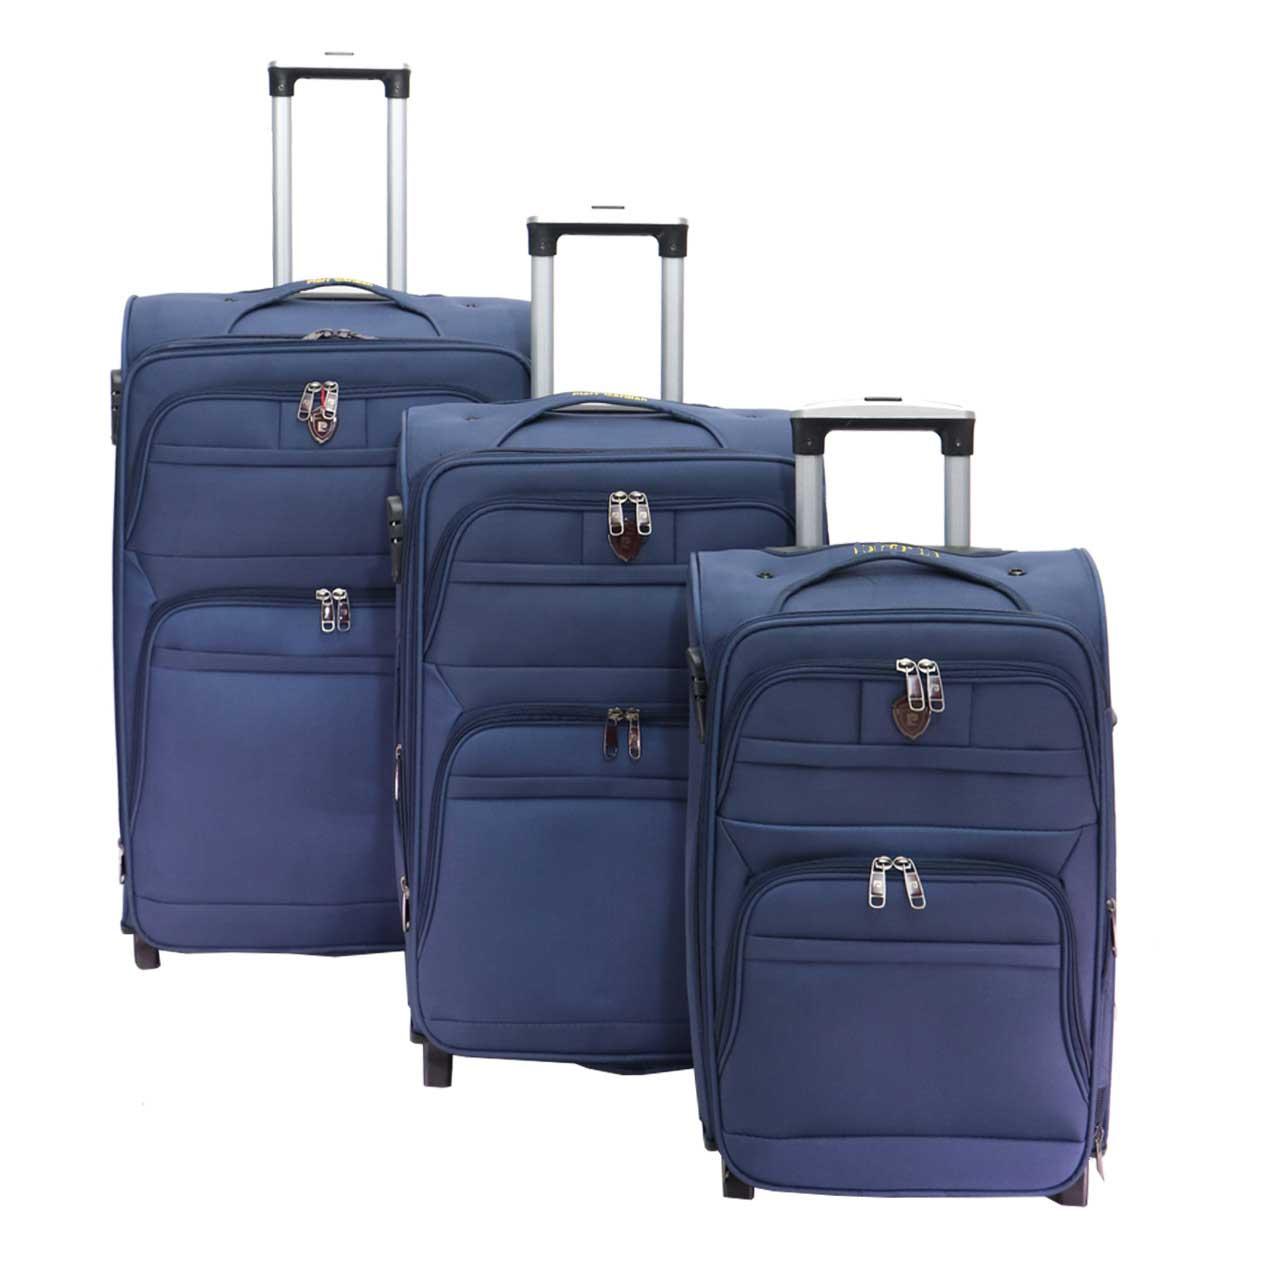 مجموعه سه عددی چمدان نوآکسیا مدل 105